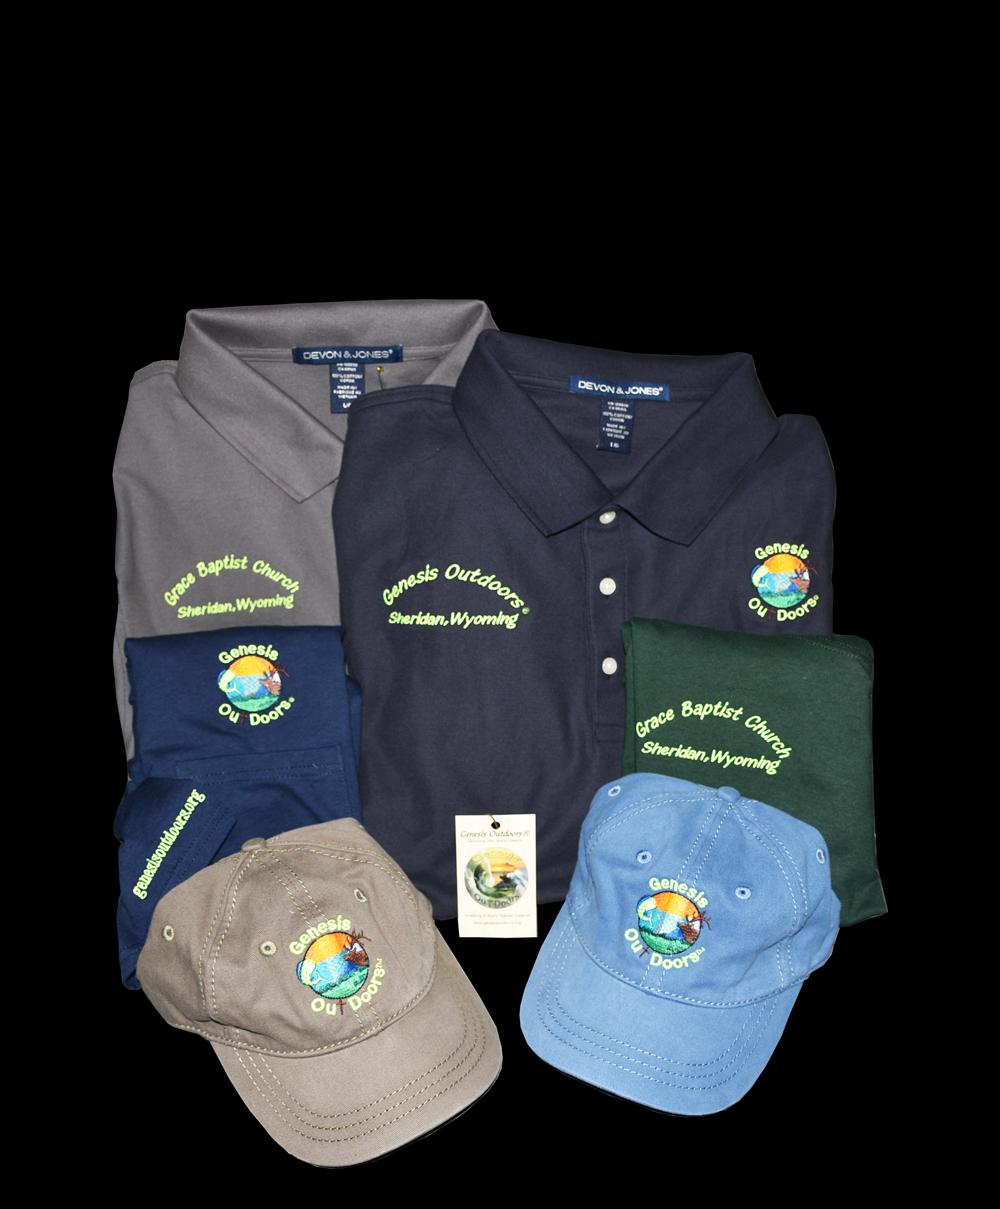 Genesis Polo Shirts